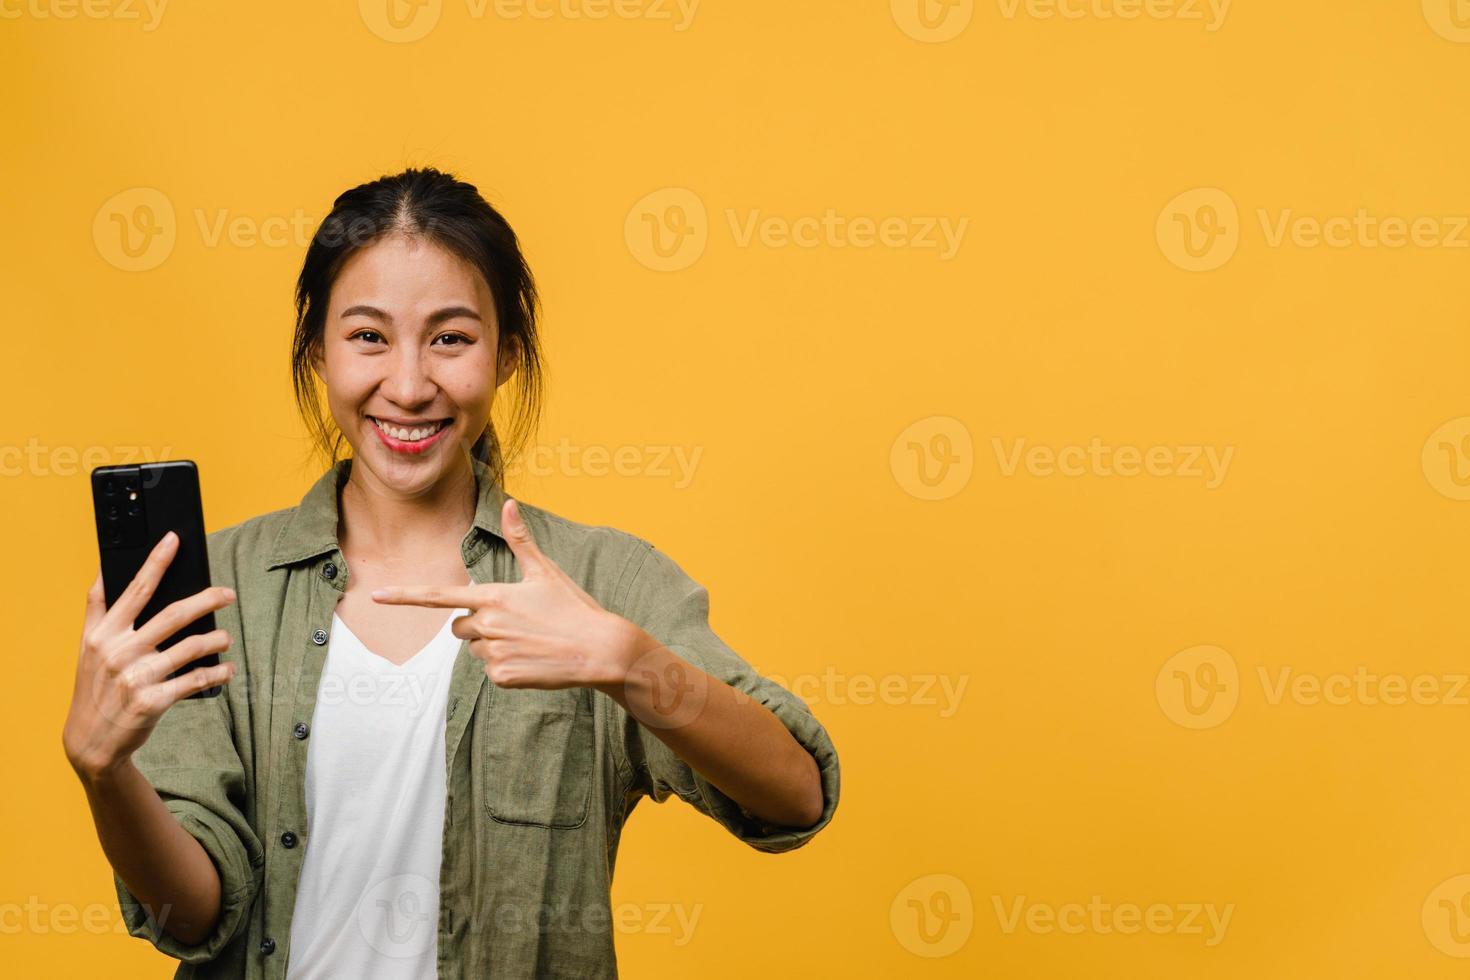 ung asiatisk dam som använder mobiltelefon med glada uttryck, visar något fantastiskt på tomt utrymme i vardagsduk och tittar på kameran isolerad över gul bakgrund. ansiktsuttryck koncept. foto